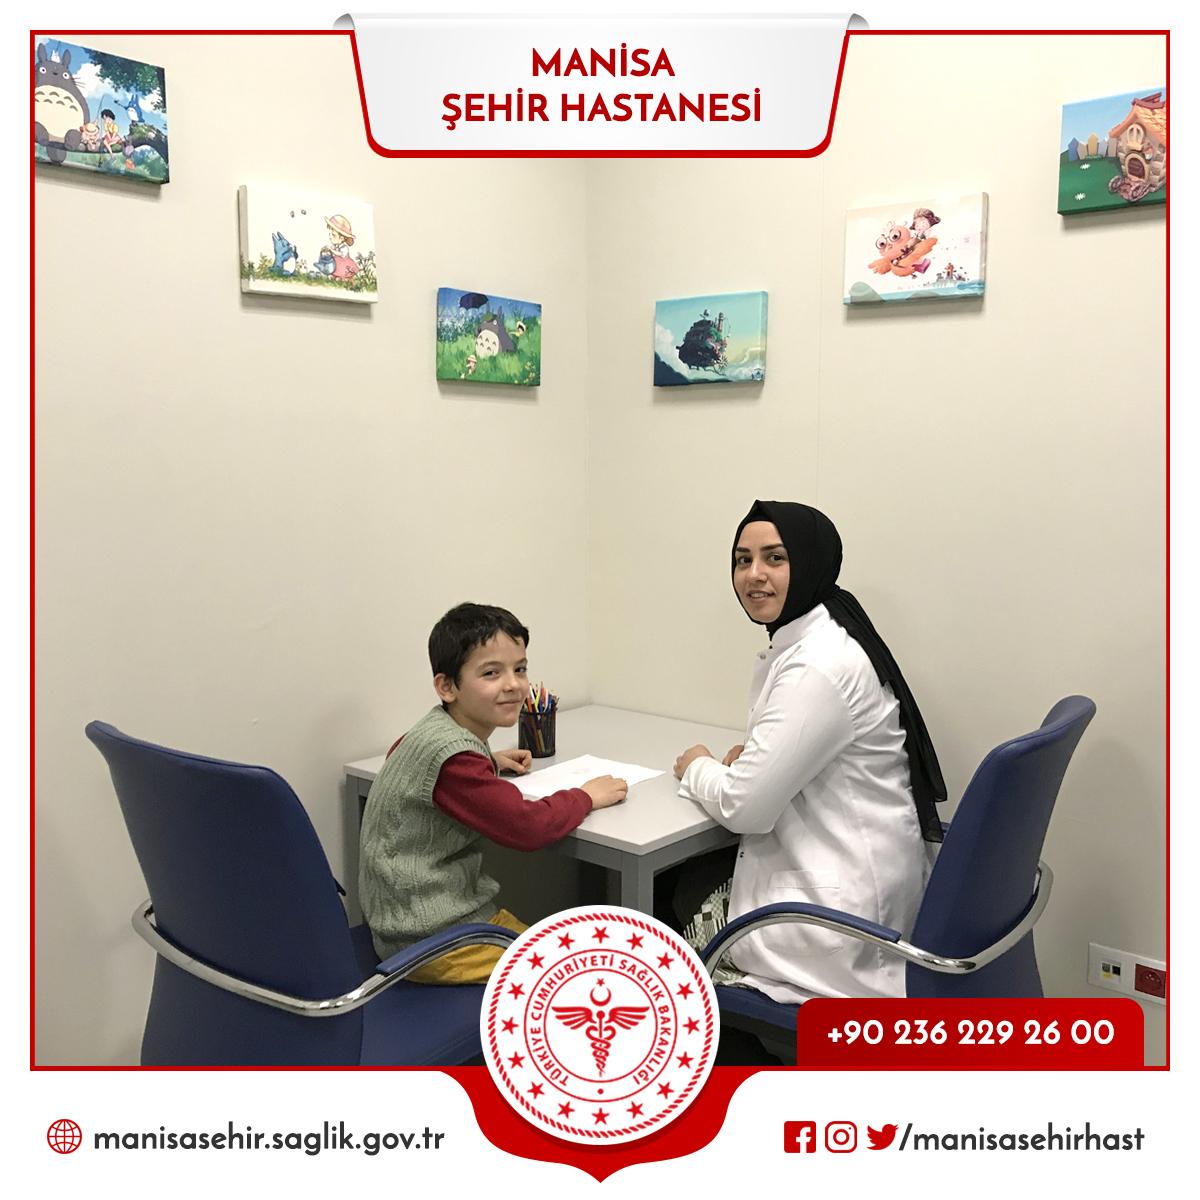 Şehir Hastanesi'nde Çocuk Gelişimci hizmet veriyor